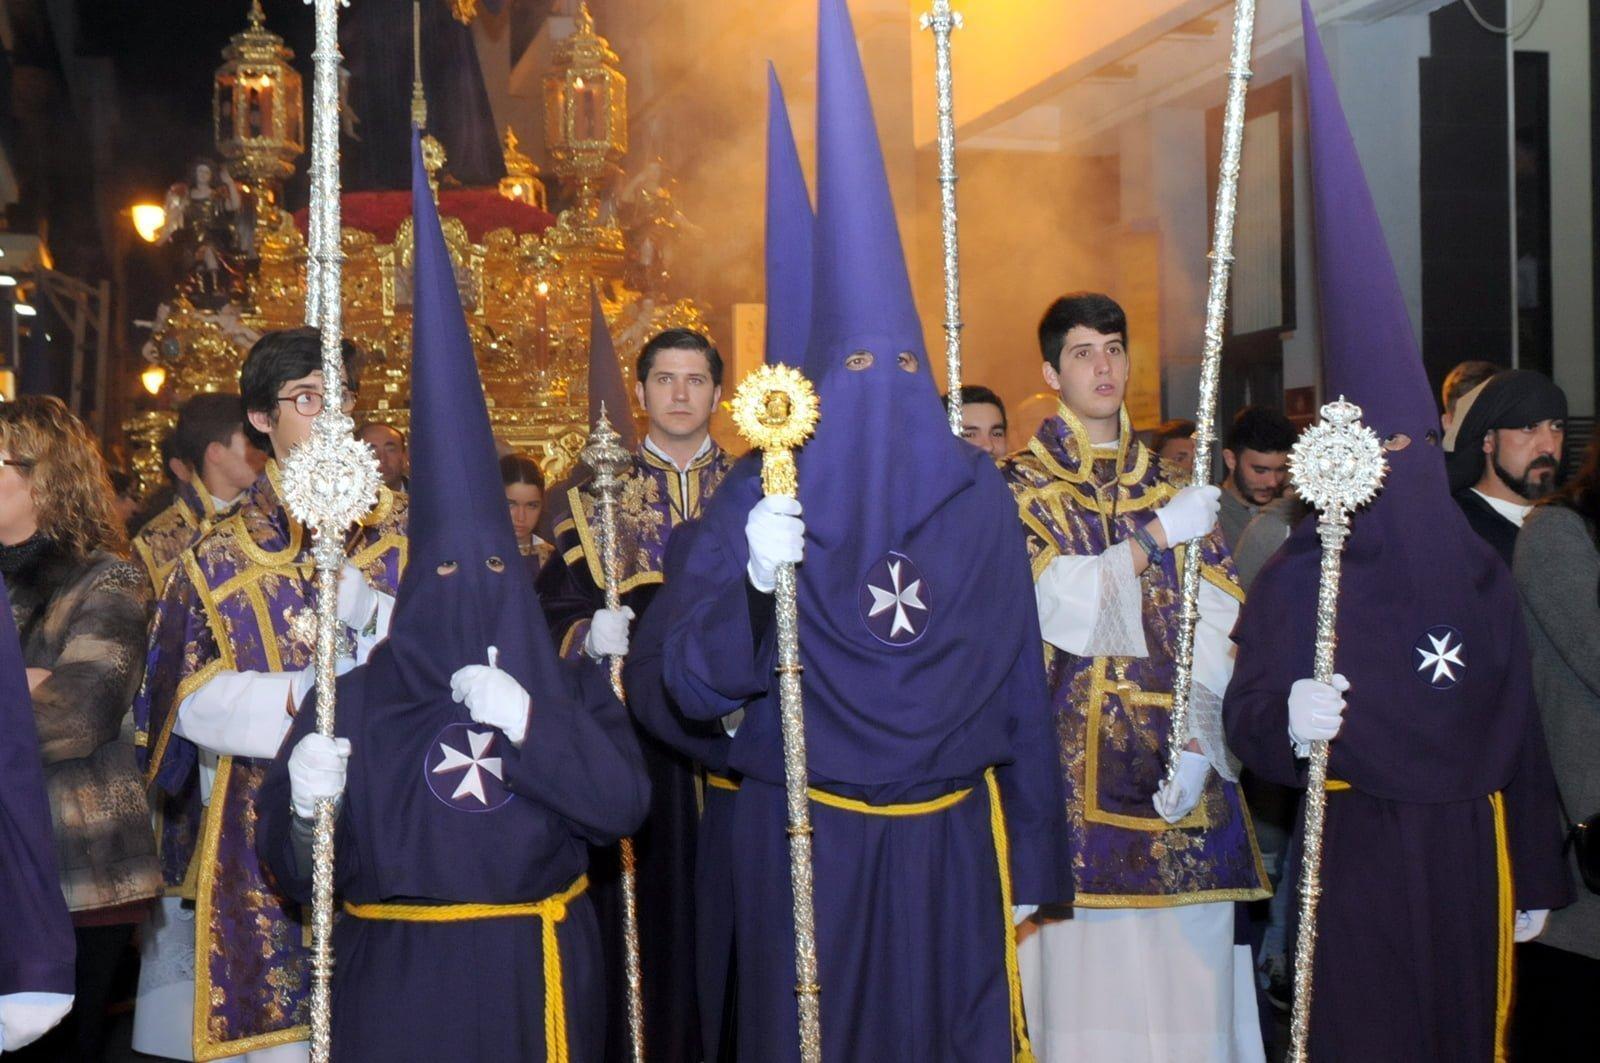 Cortejo de la Hermandad del Nazareno.